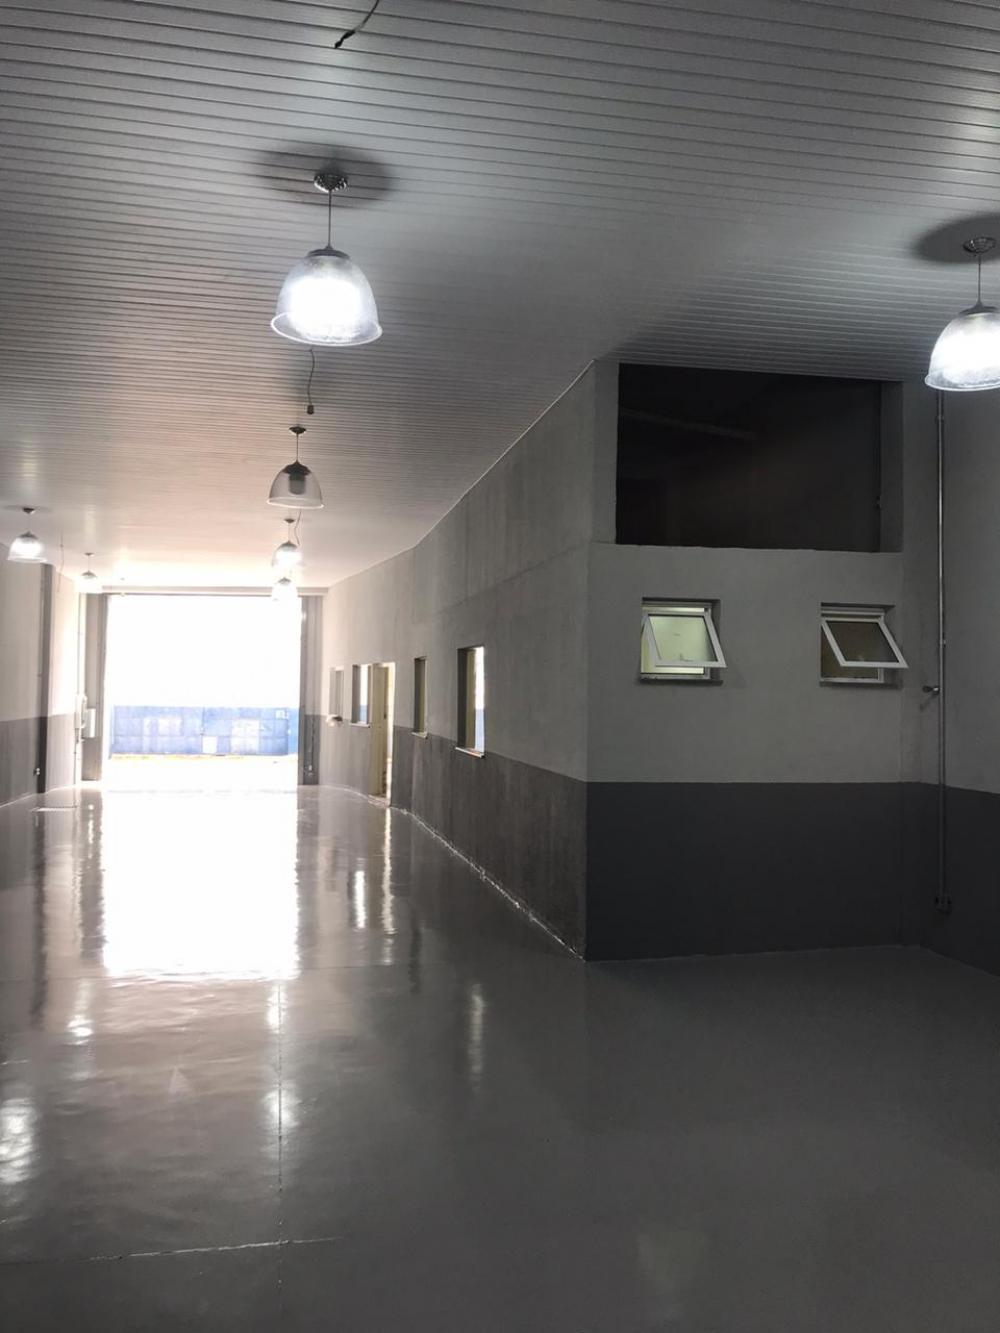 Alugar Comercial / Galpão em Ribeirão Preto R$ 5.600,00 - Foto 10